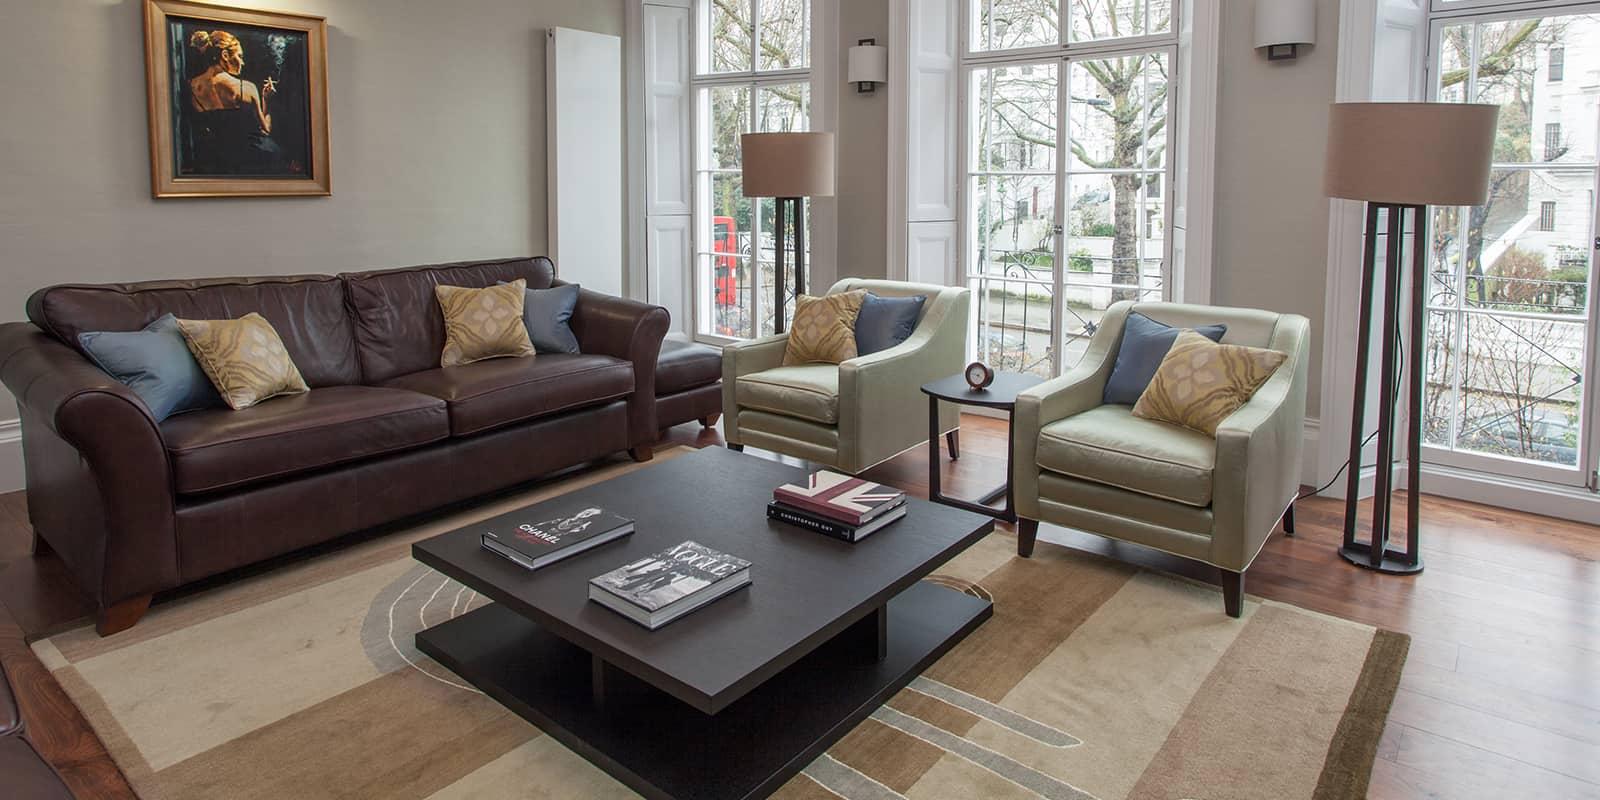 Contemporary living room and sofa